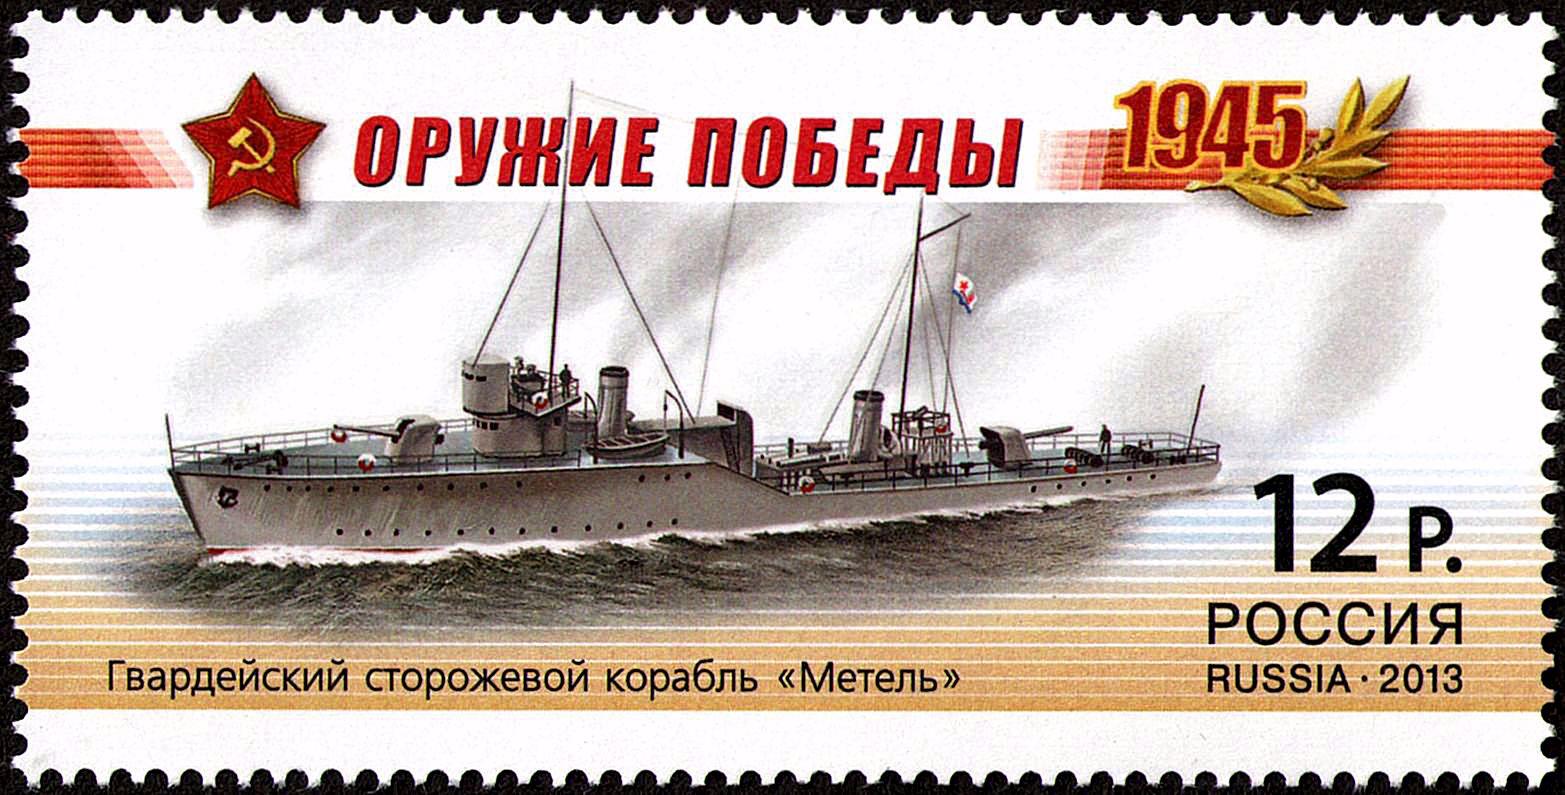 'Ураган' на памятной марке 2013 г.